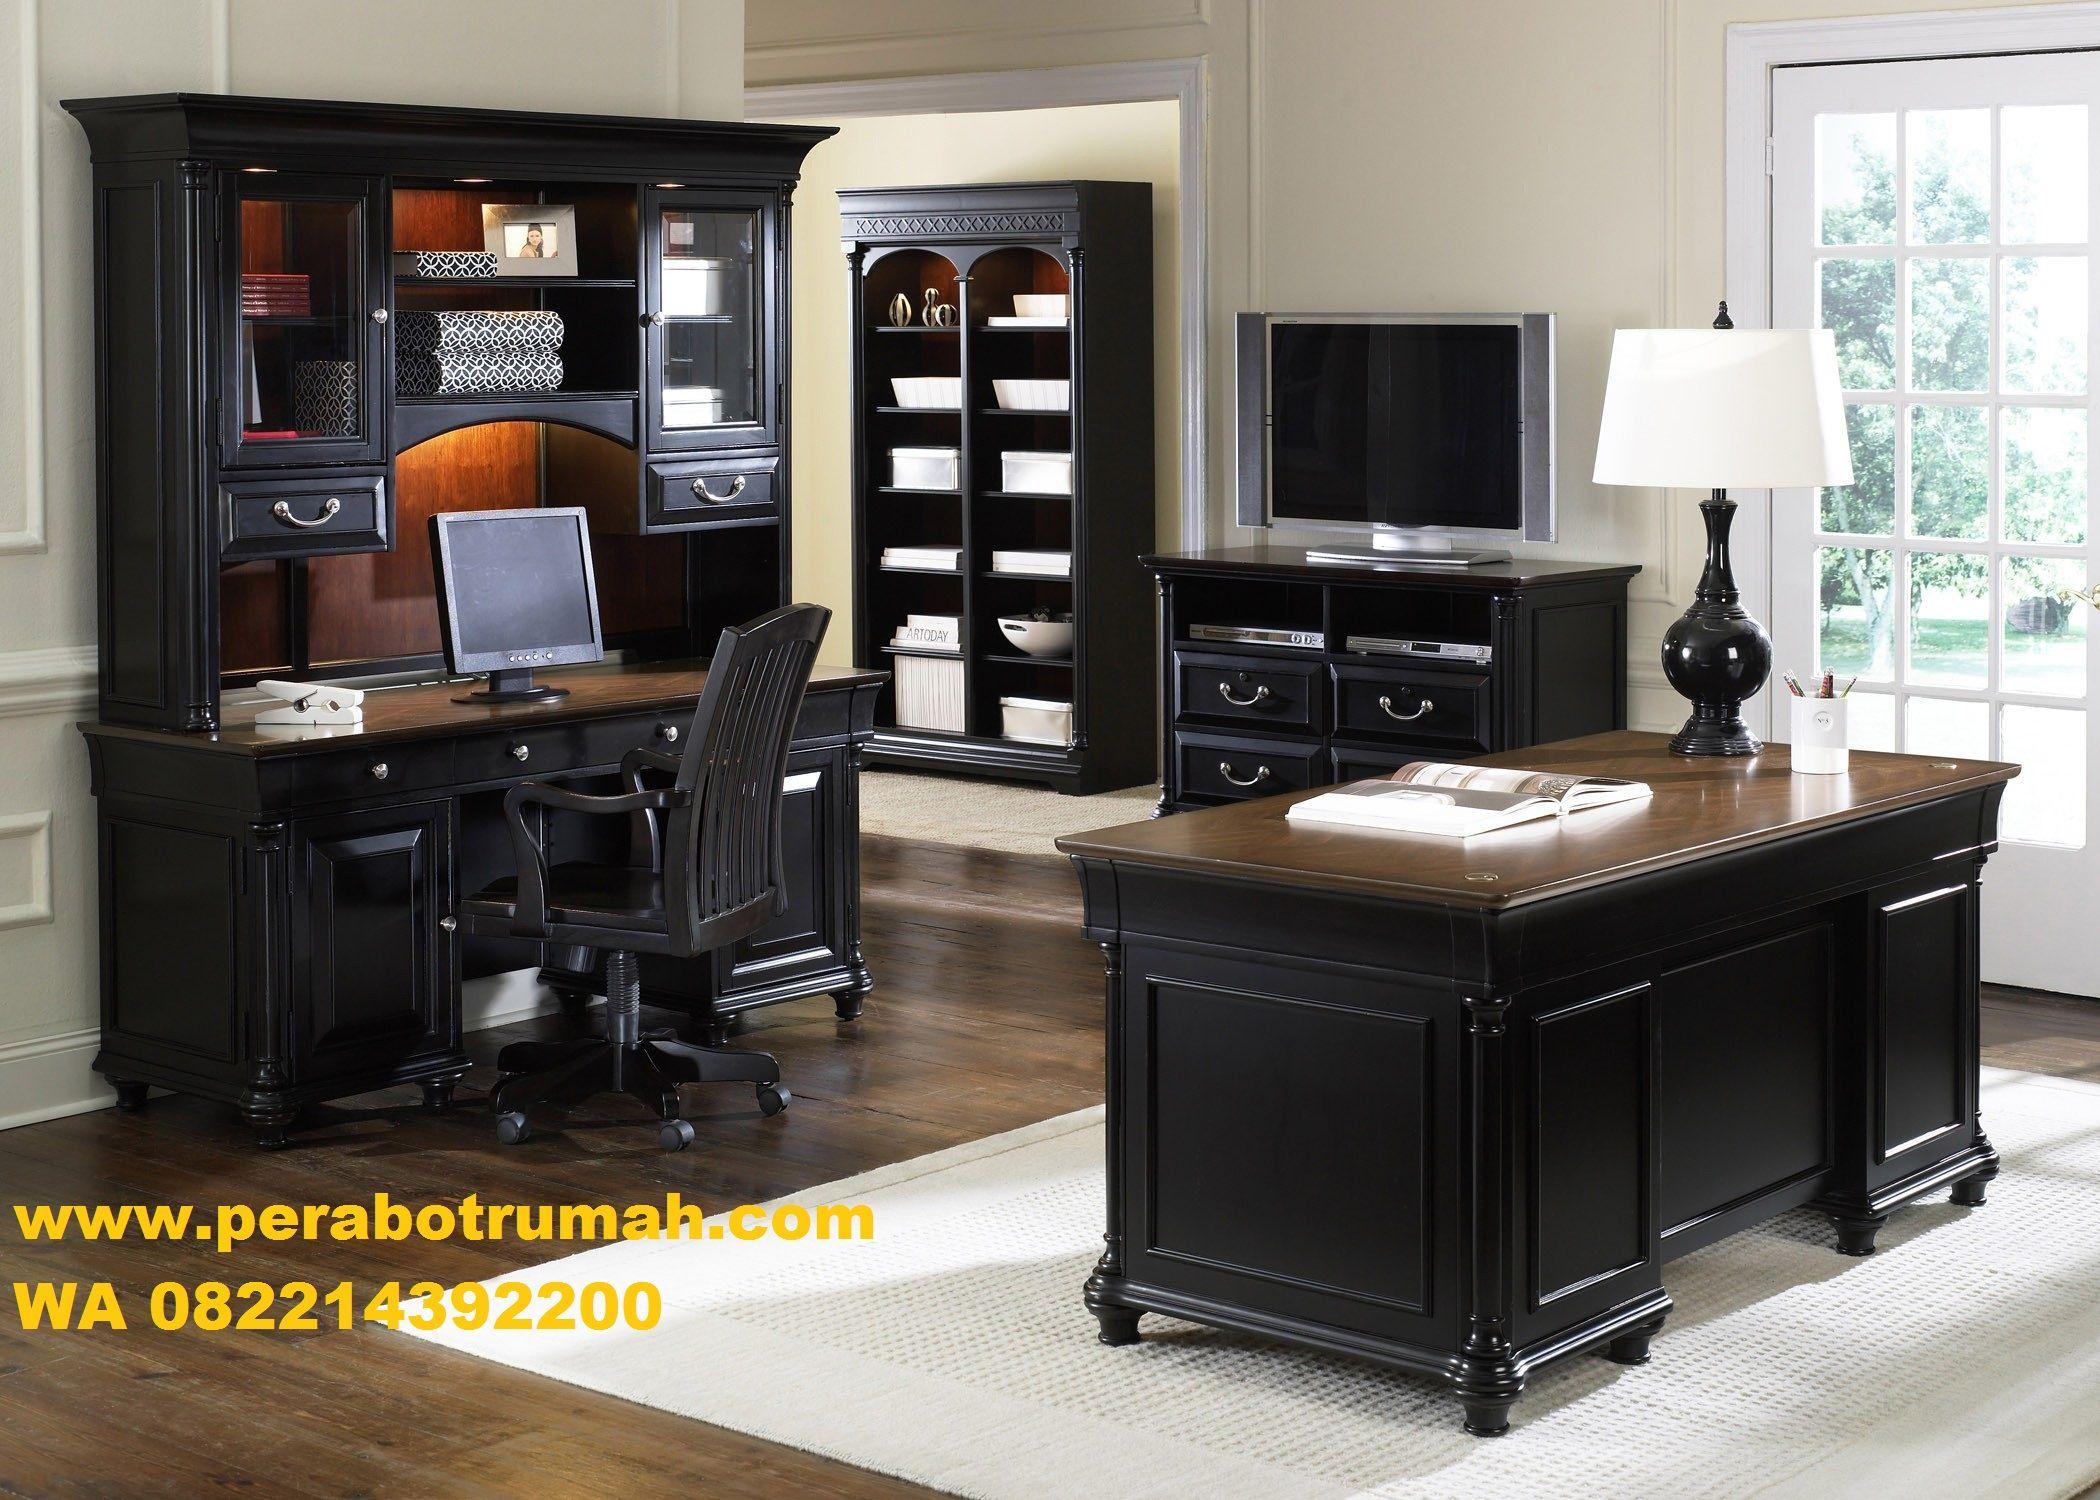 Jual Set Meja Kantor Minimalis Dengan Harga Murah Berkualitas Asli ...